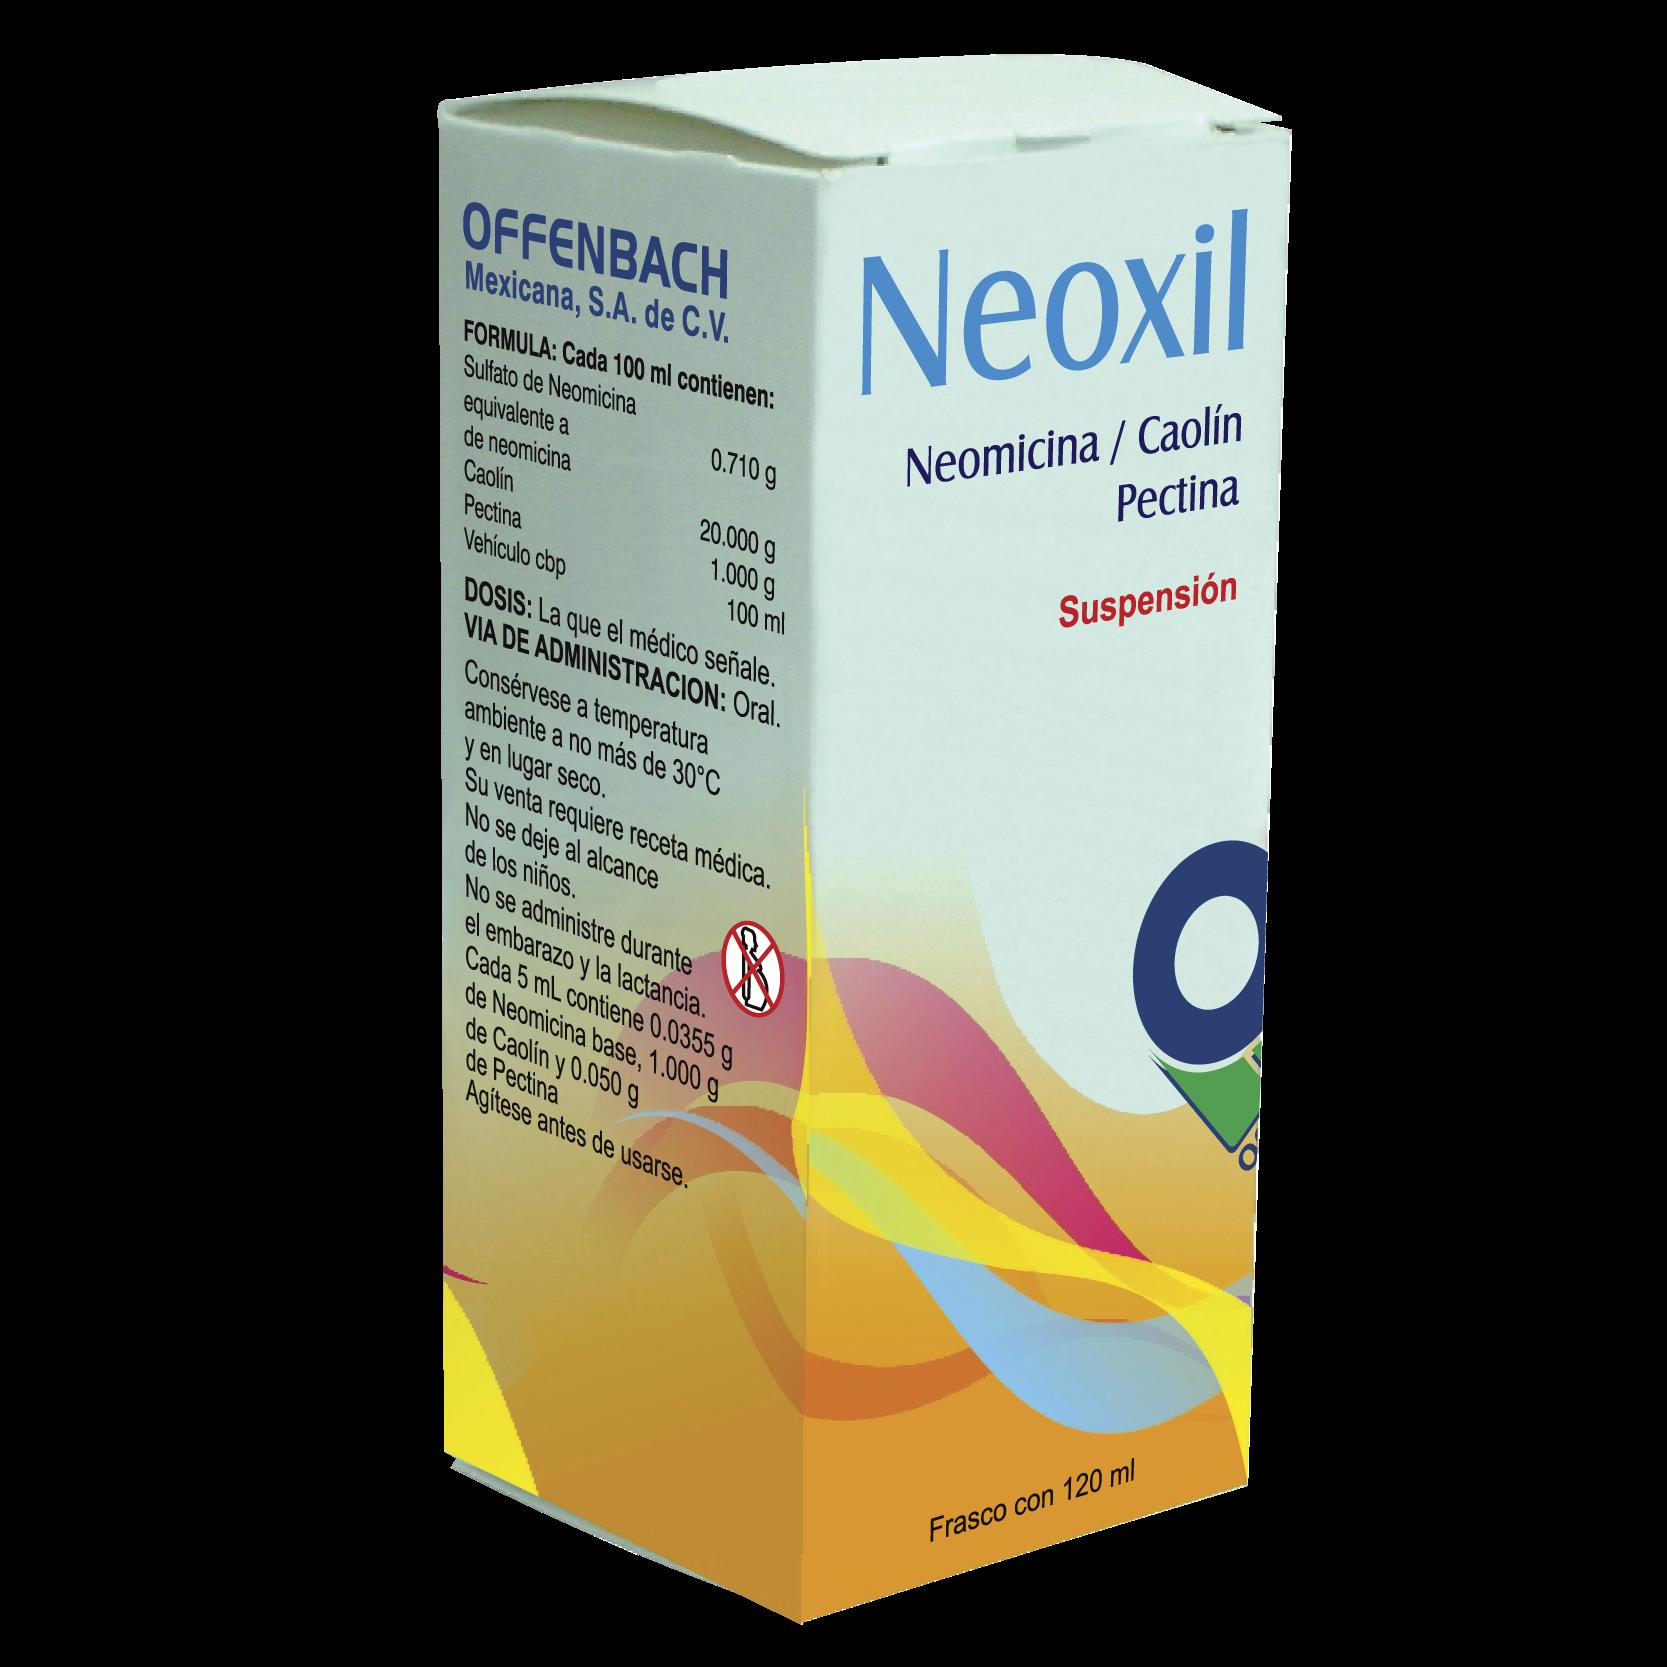 Neoxil suspensión